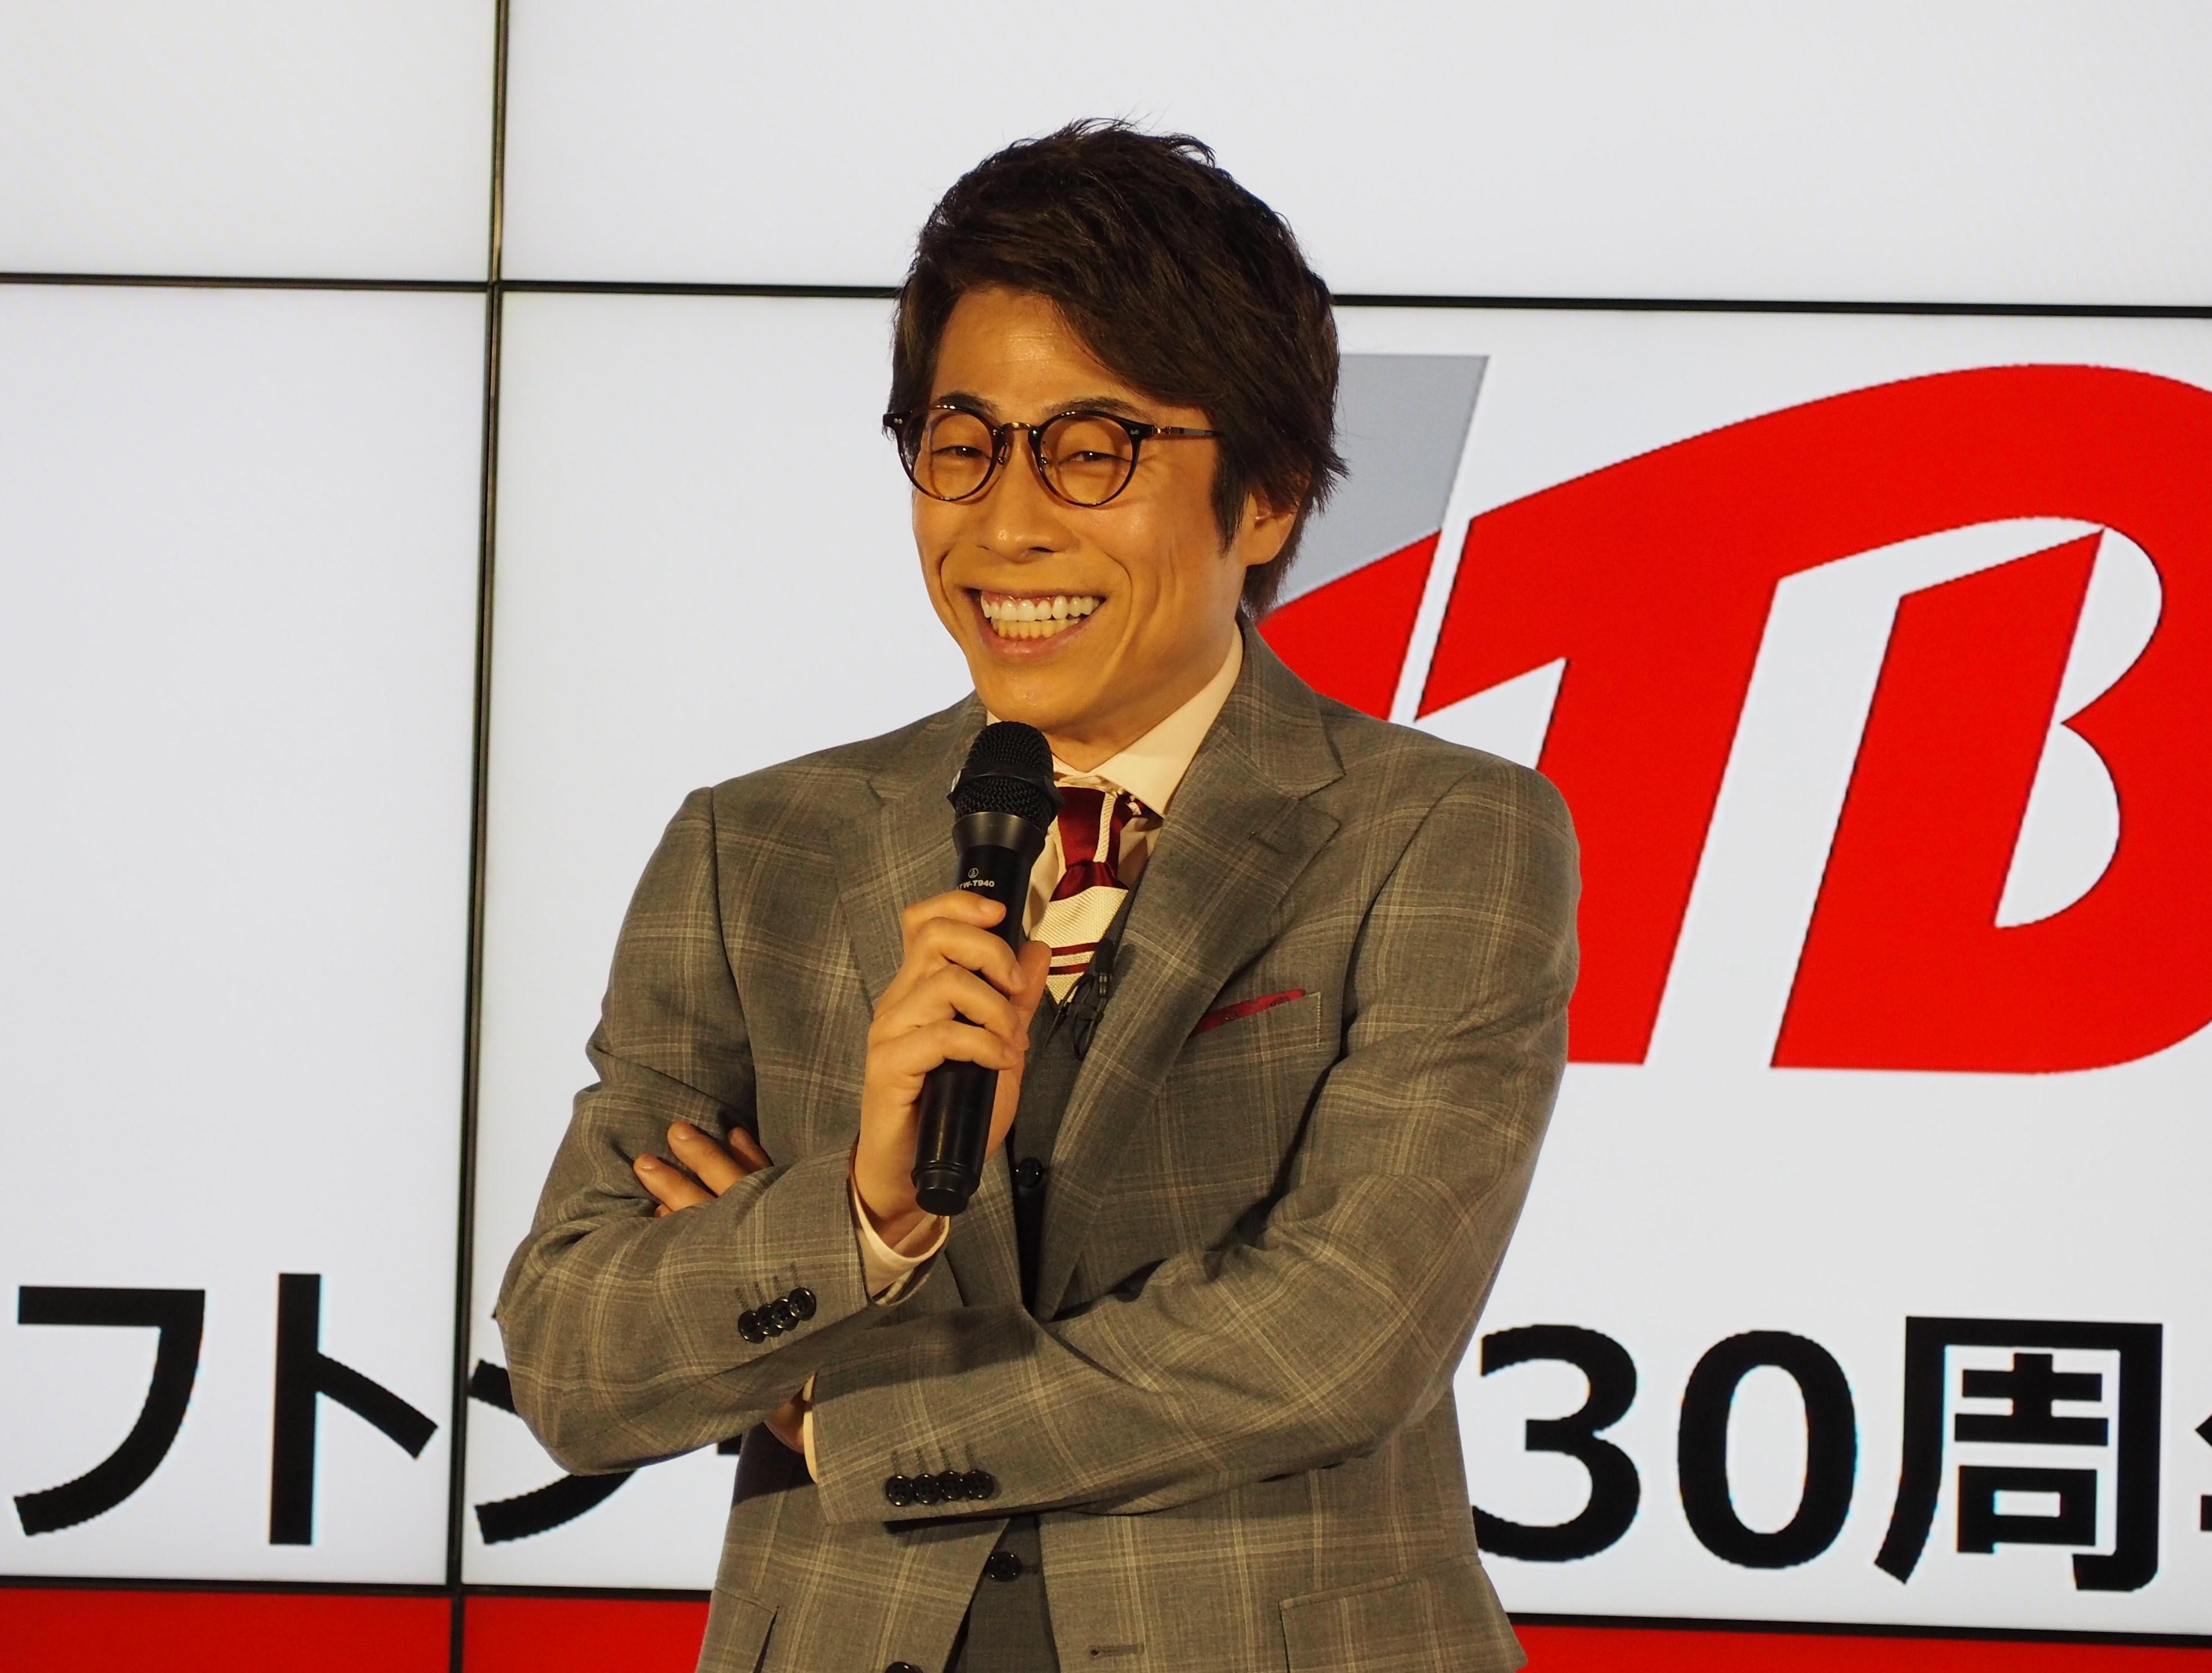 http://news.yoshimoto.co.jp/20180330121422-761ab52ebcaa94cba7e59cc288f2db0239da83a0.jpg